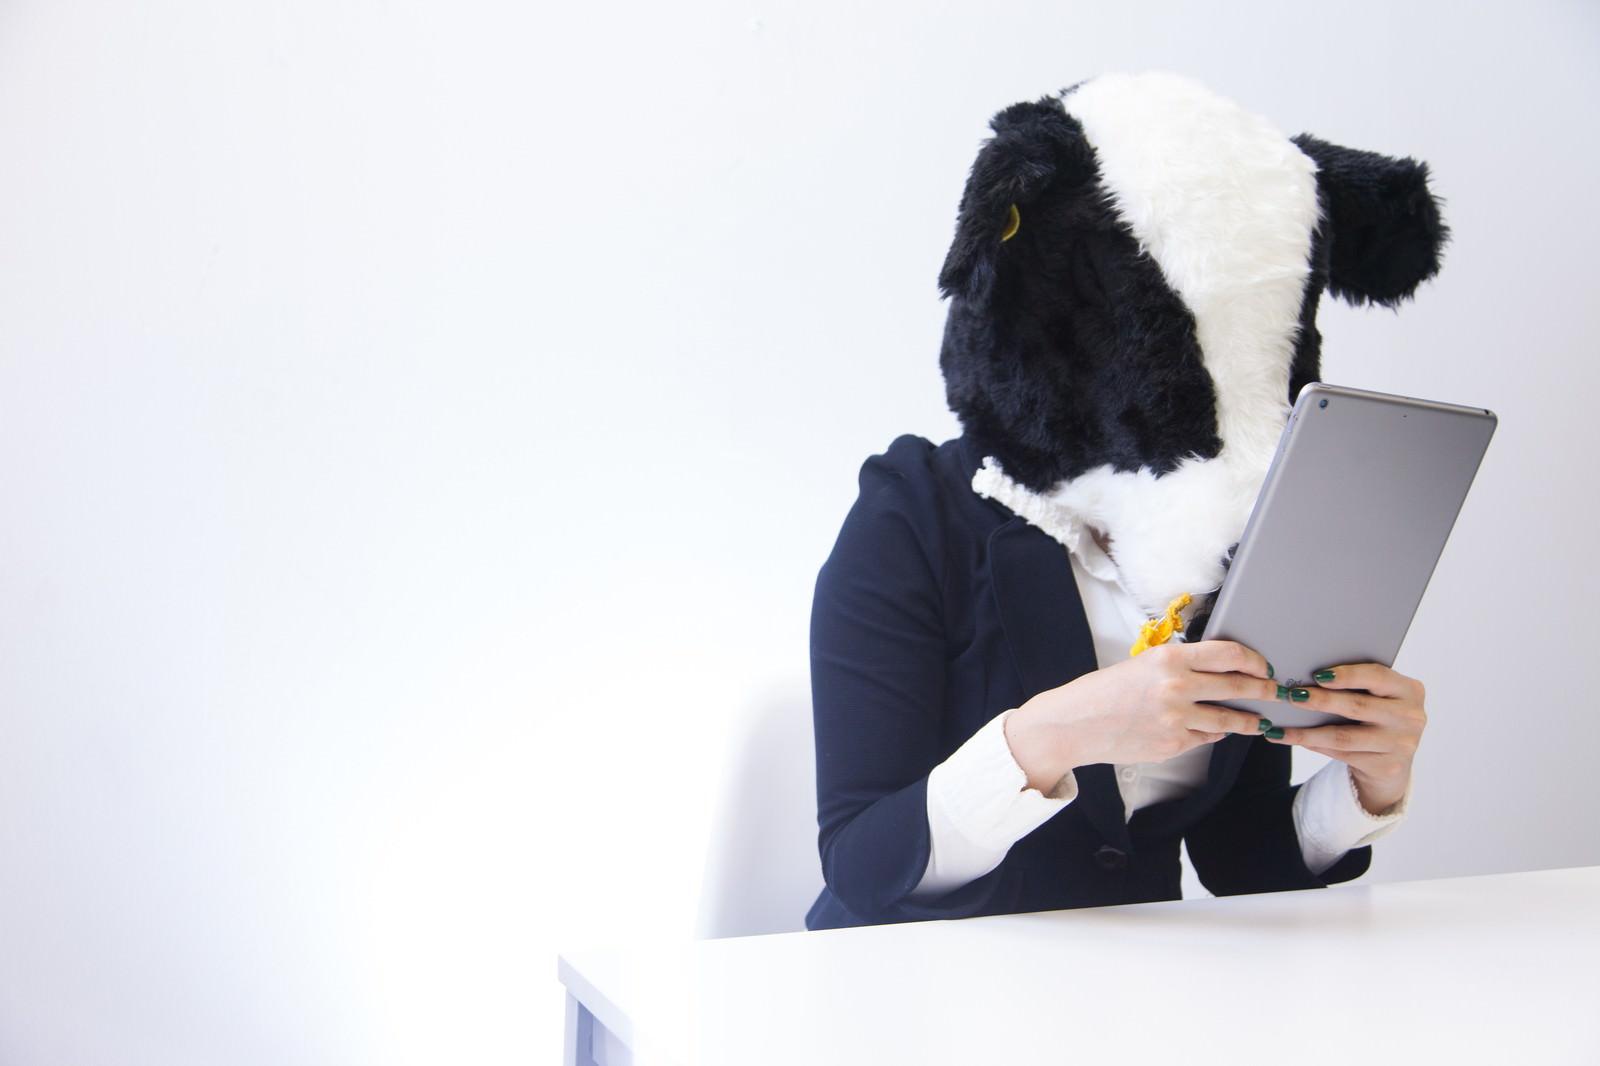 「バズった記事を二度見する牛ブロガーバズった記事を二度見する牛ブロガー」[モデル:古性のっち]のフリー写真素材を拡大